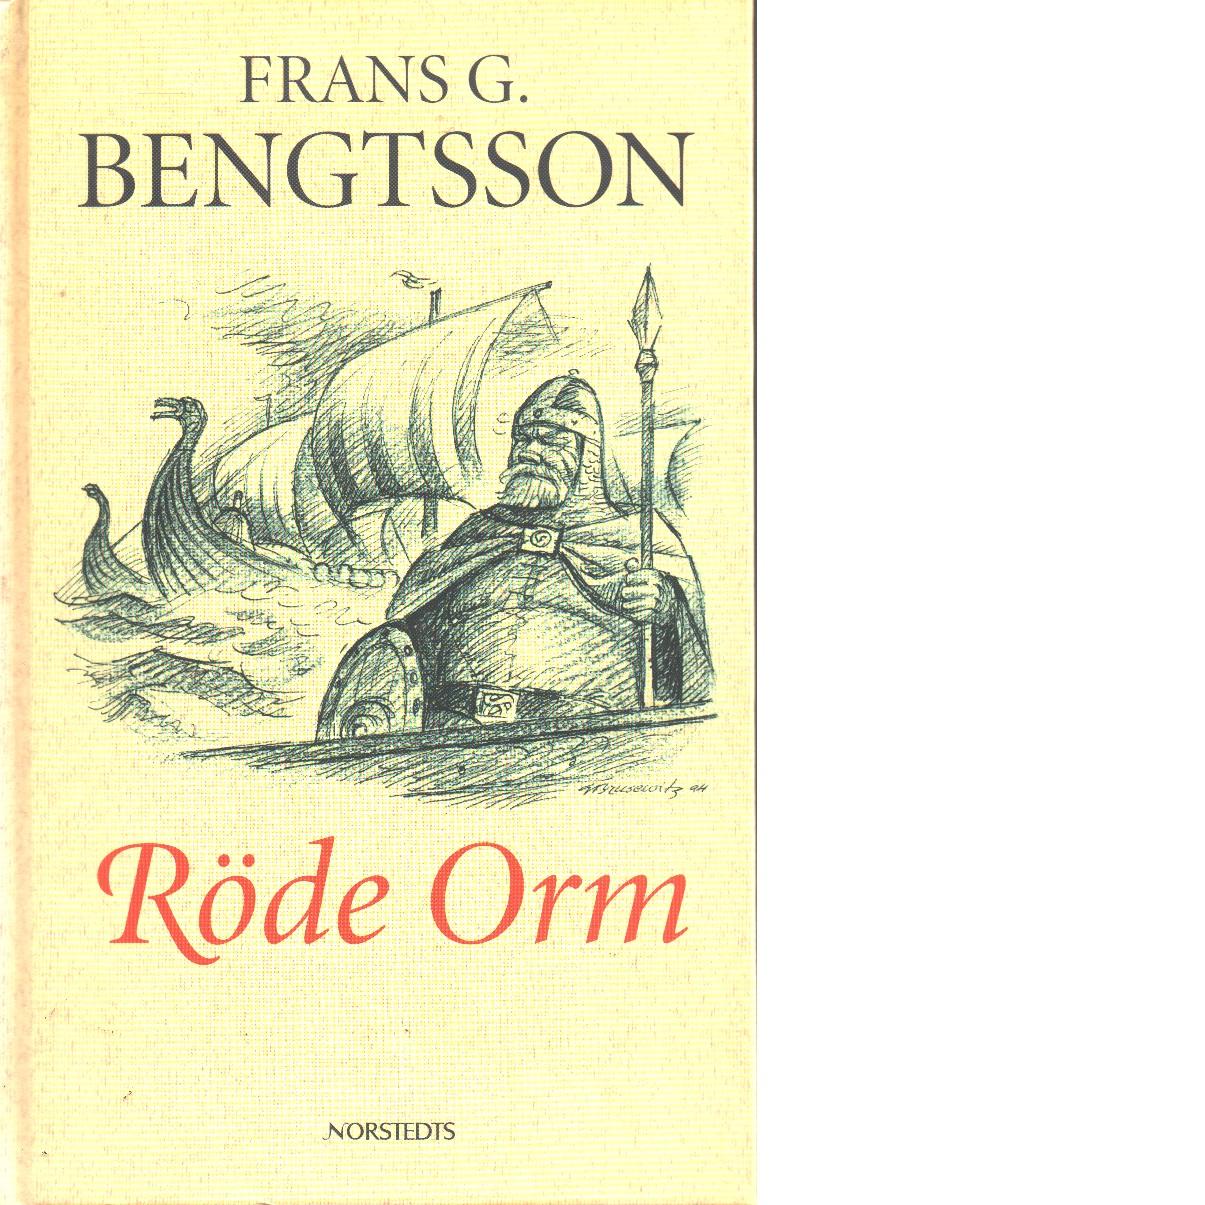 Röde orm : Sjöfarare i Västerled och Hemma och österled - Bengtsson, Frans G.